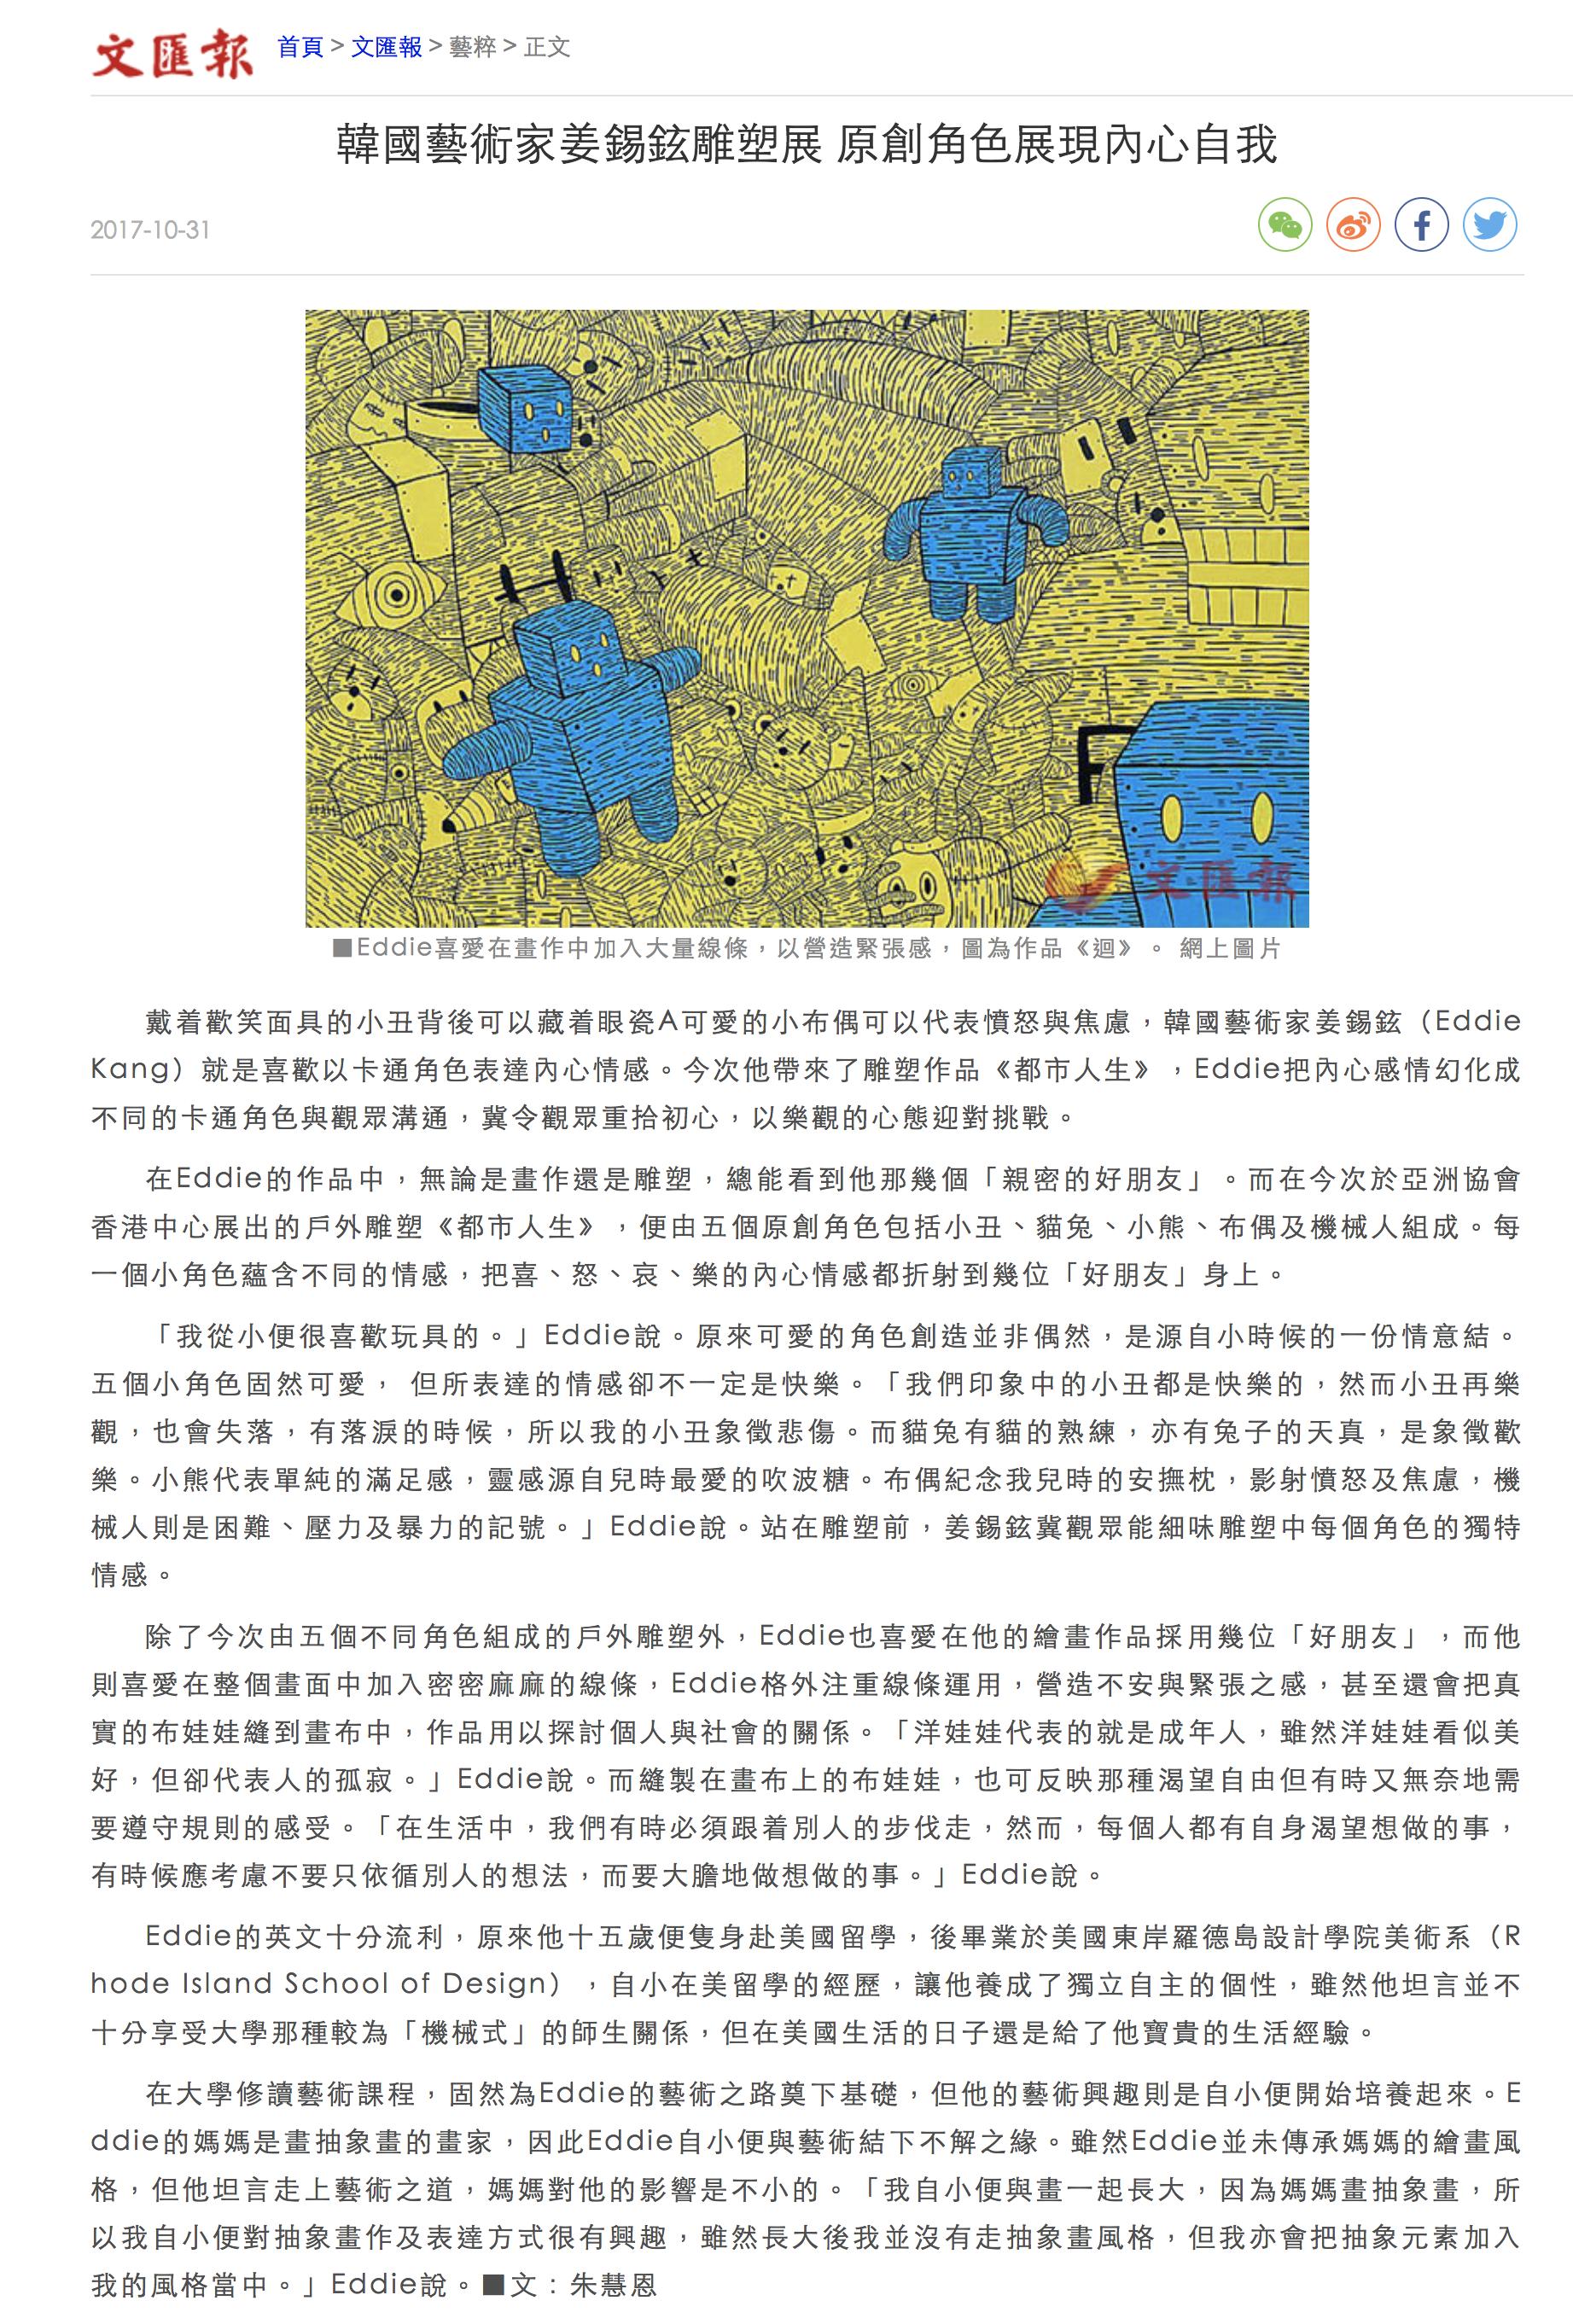 韓國藝術家姜錫鉉雕塑展 原創角色展現內心自我 - 文匯報